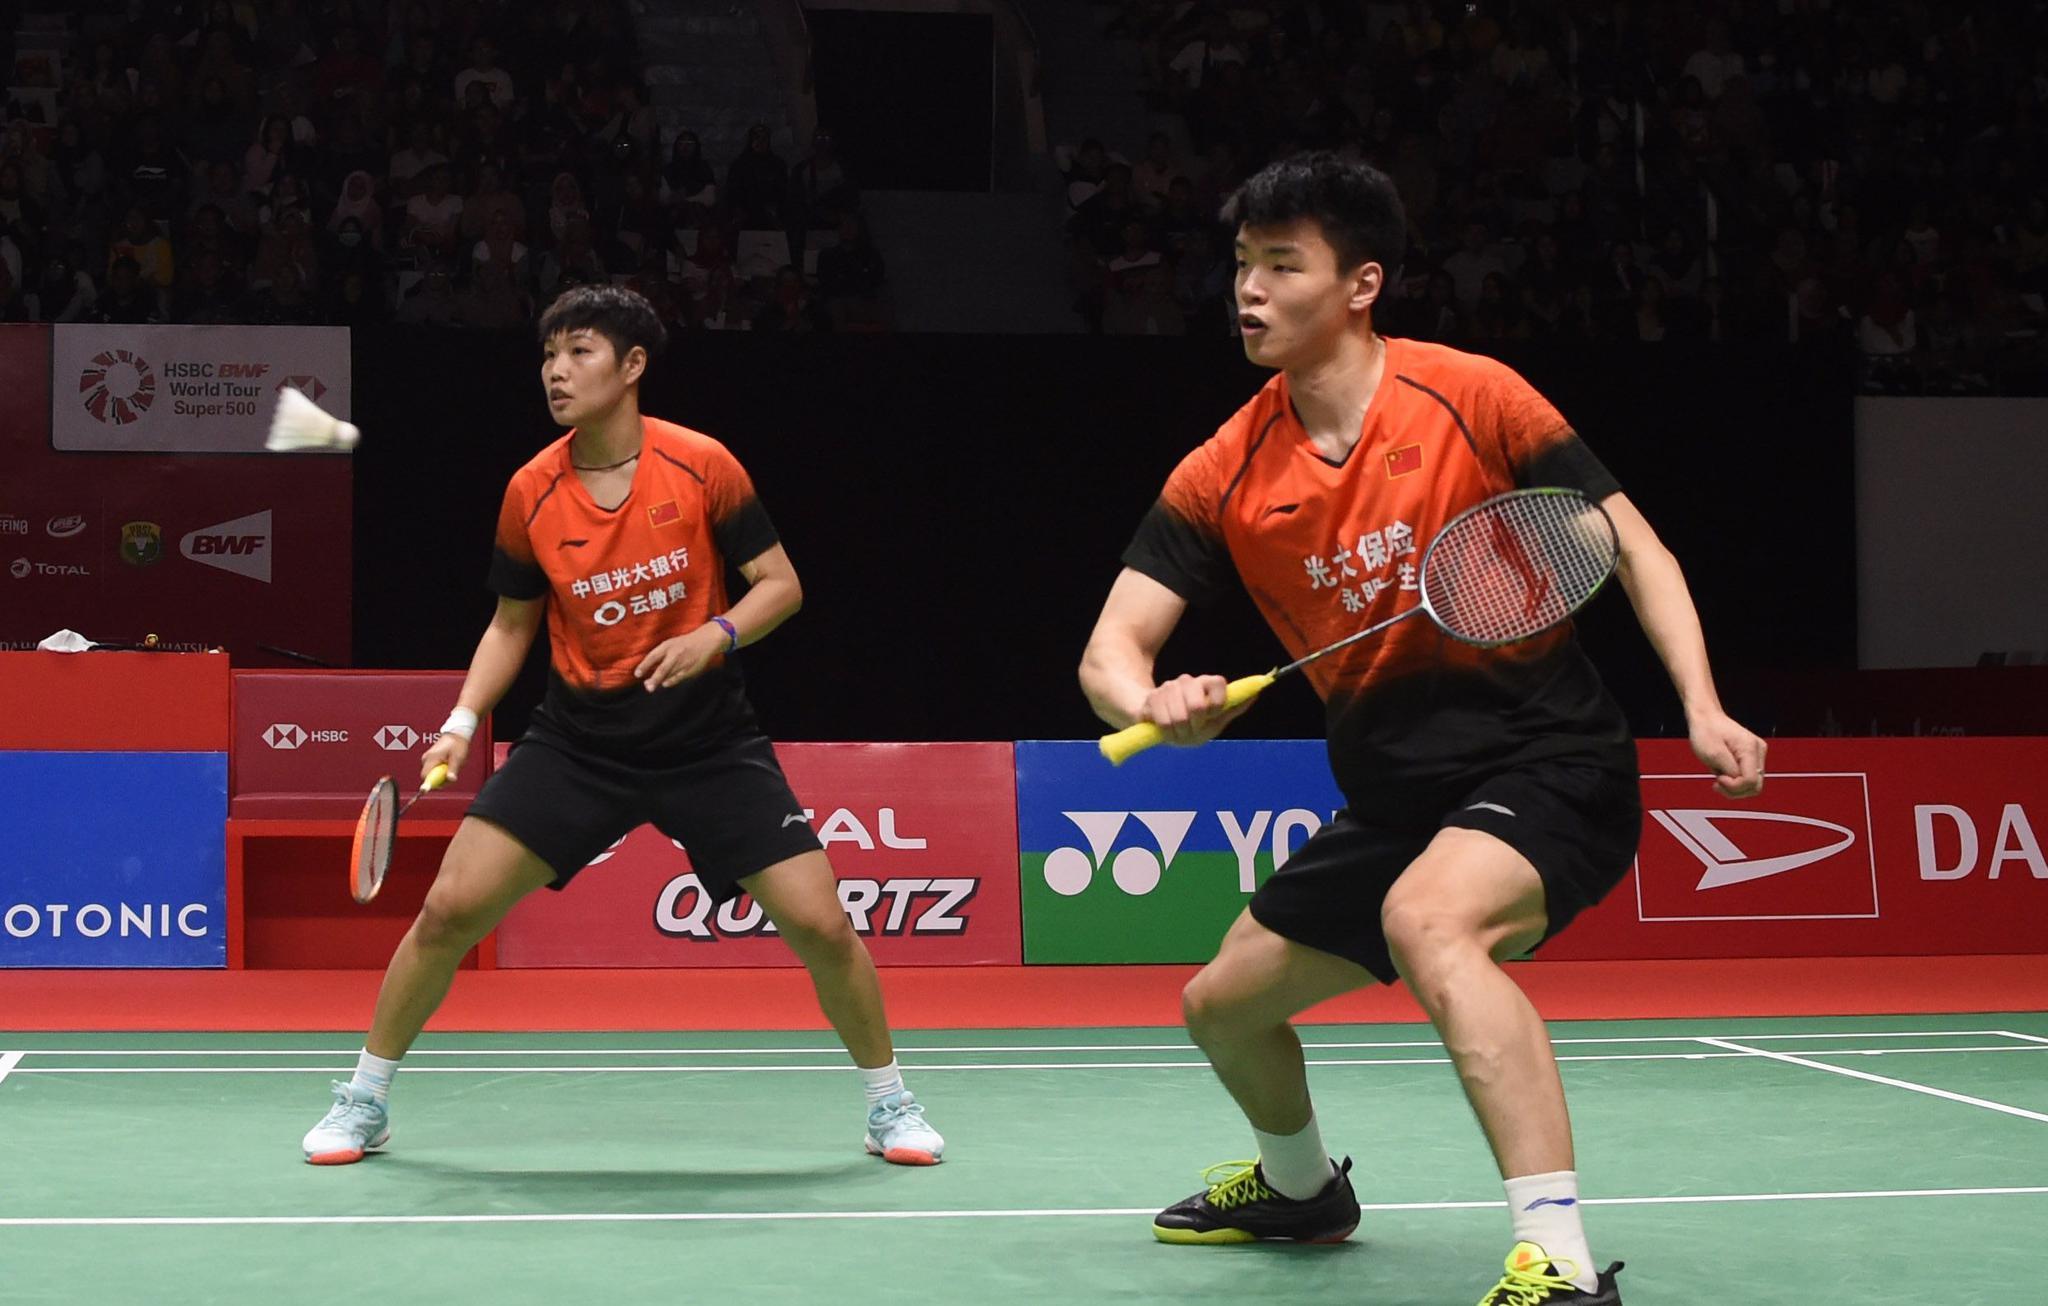 羽毛球——印尼大师赛:王懿律/黄东萍晋级混双决赛